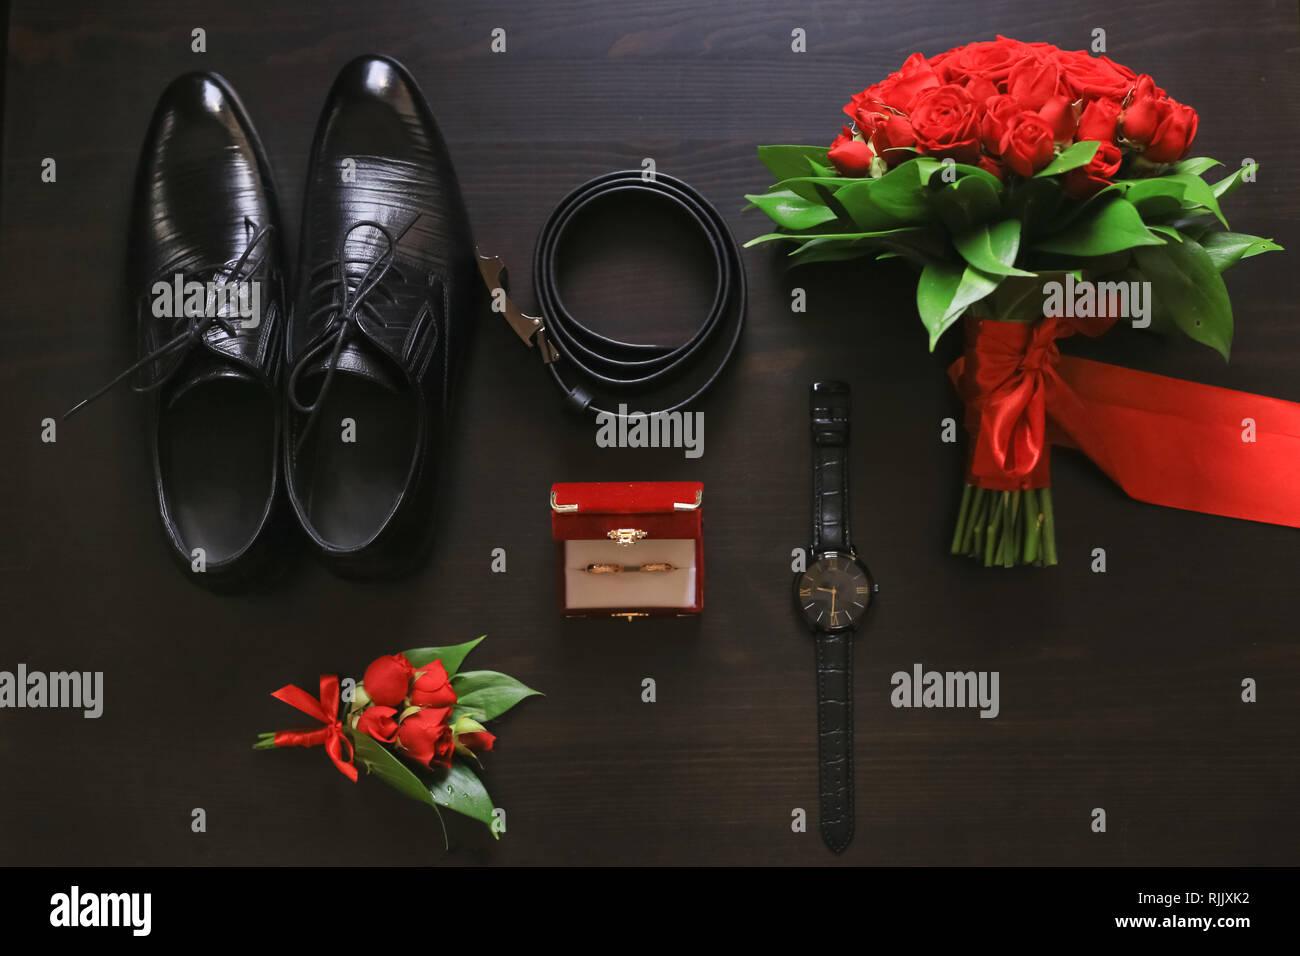 92f1e70cef Bräutigam Accessoires. Schuhe, Ringe, Gürtel Anstecker und beobachten Sie  auf Tisch